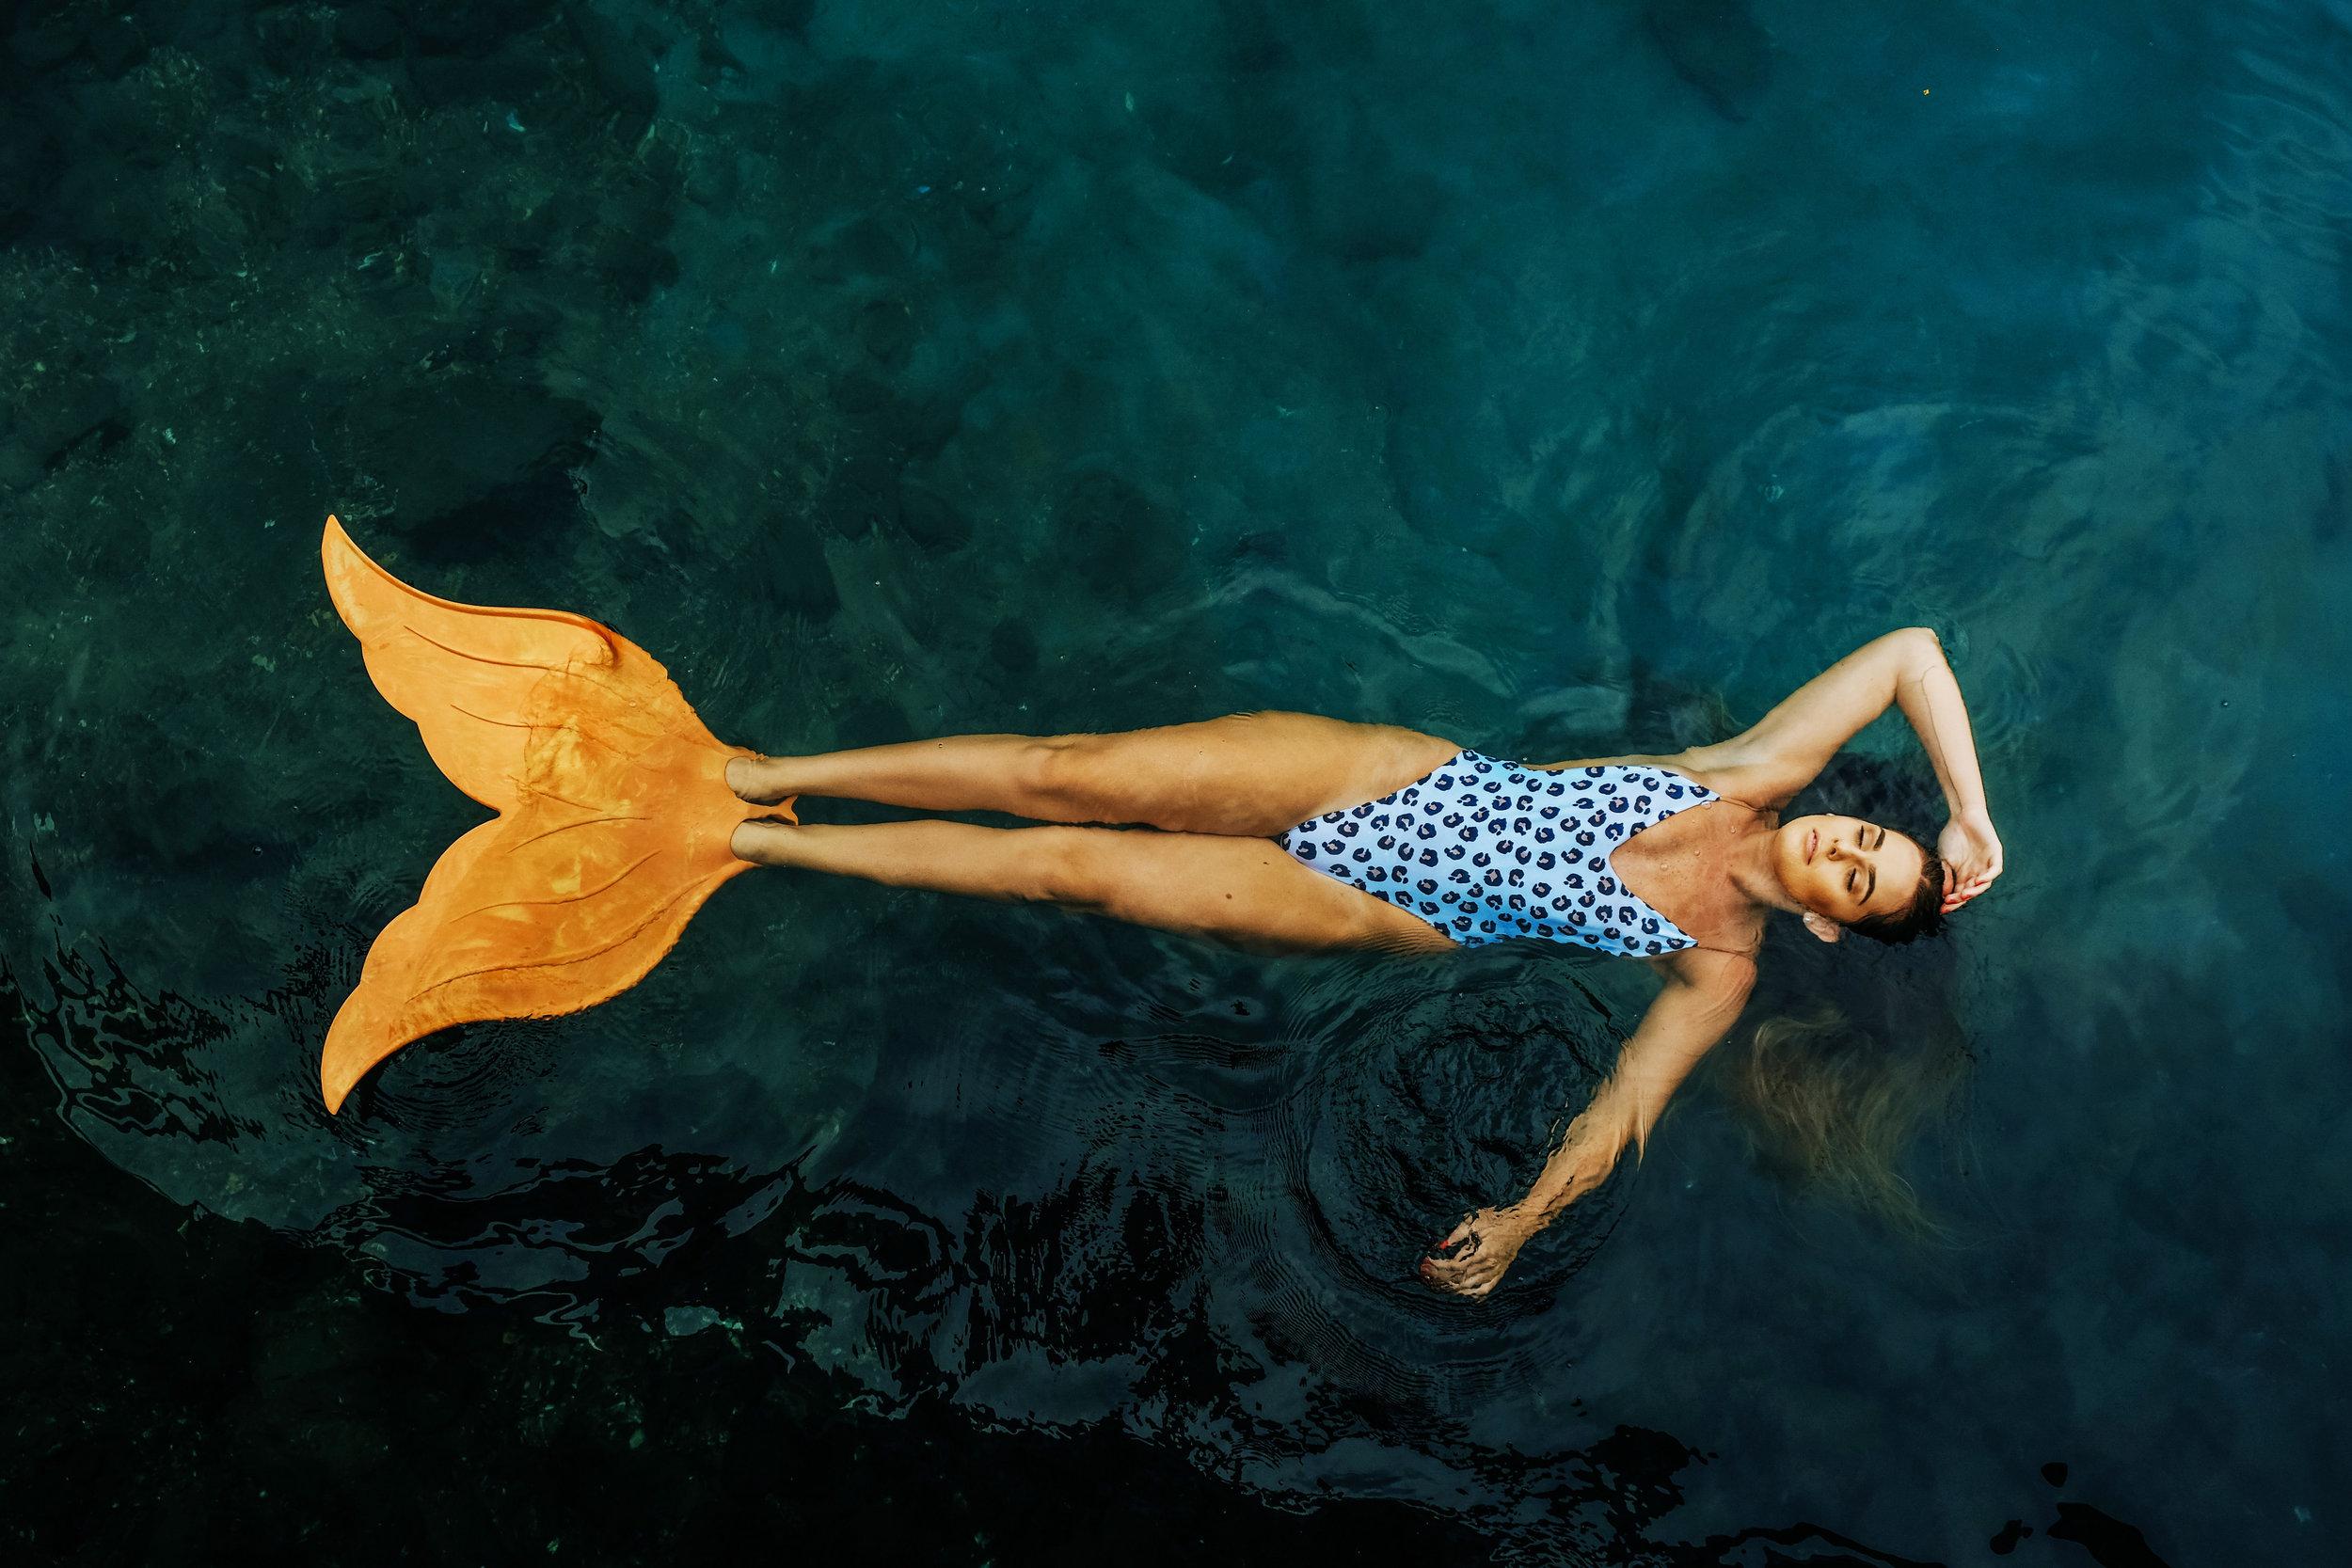 mermaid in water